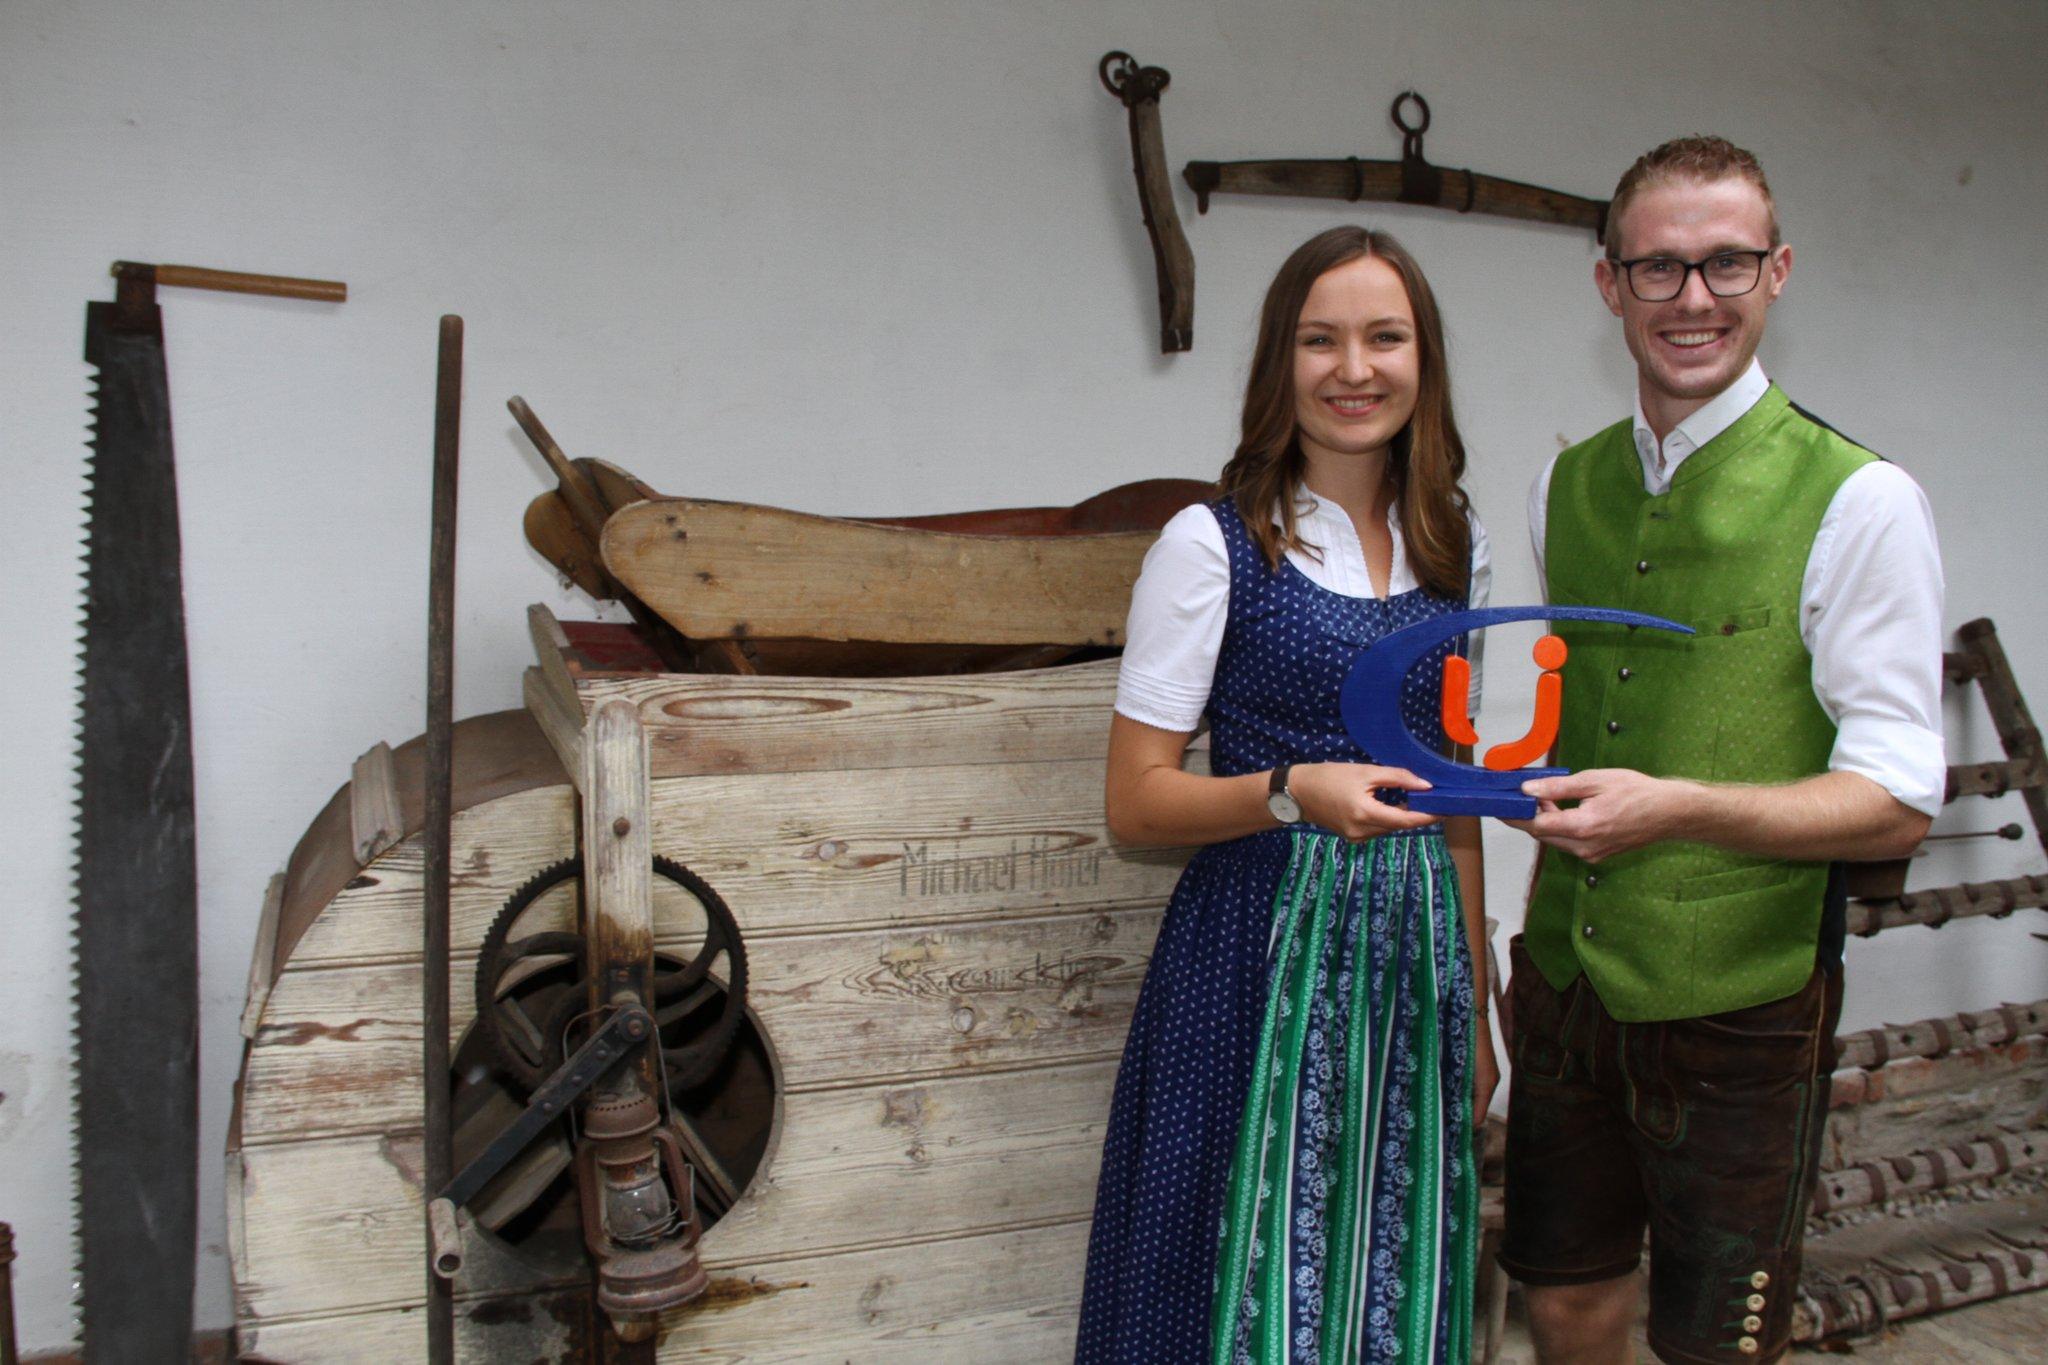 Bekanntschaften Deutschlandsberg - huggology.com - Kleinanzeigen